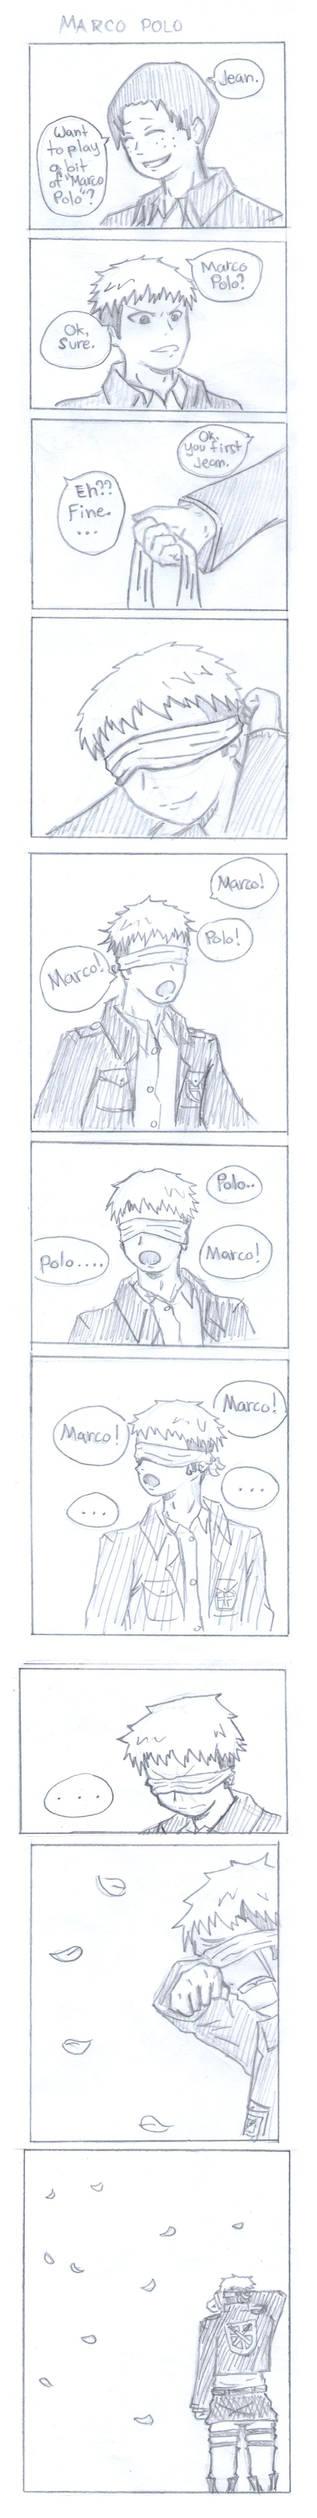 Shingeki no Kyojin Jean and Marco manga strip by beamkkkm on